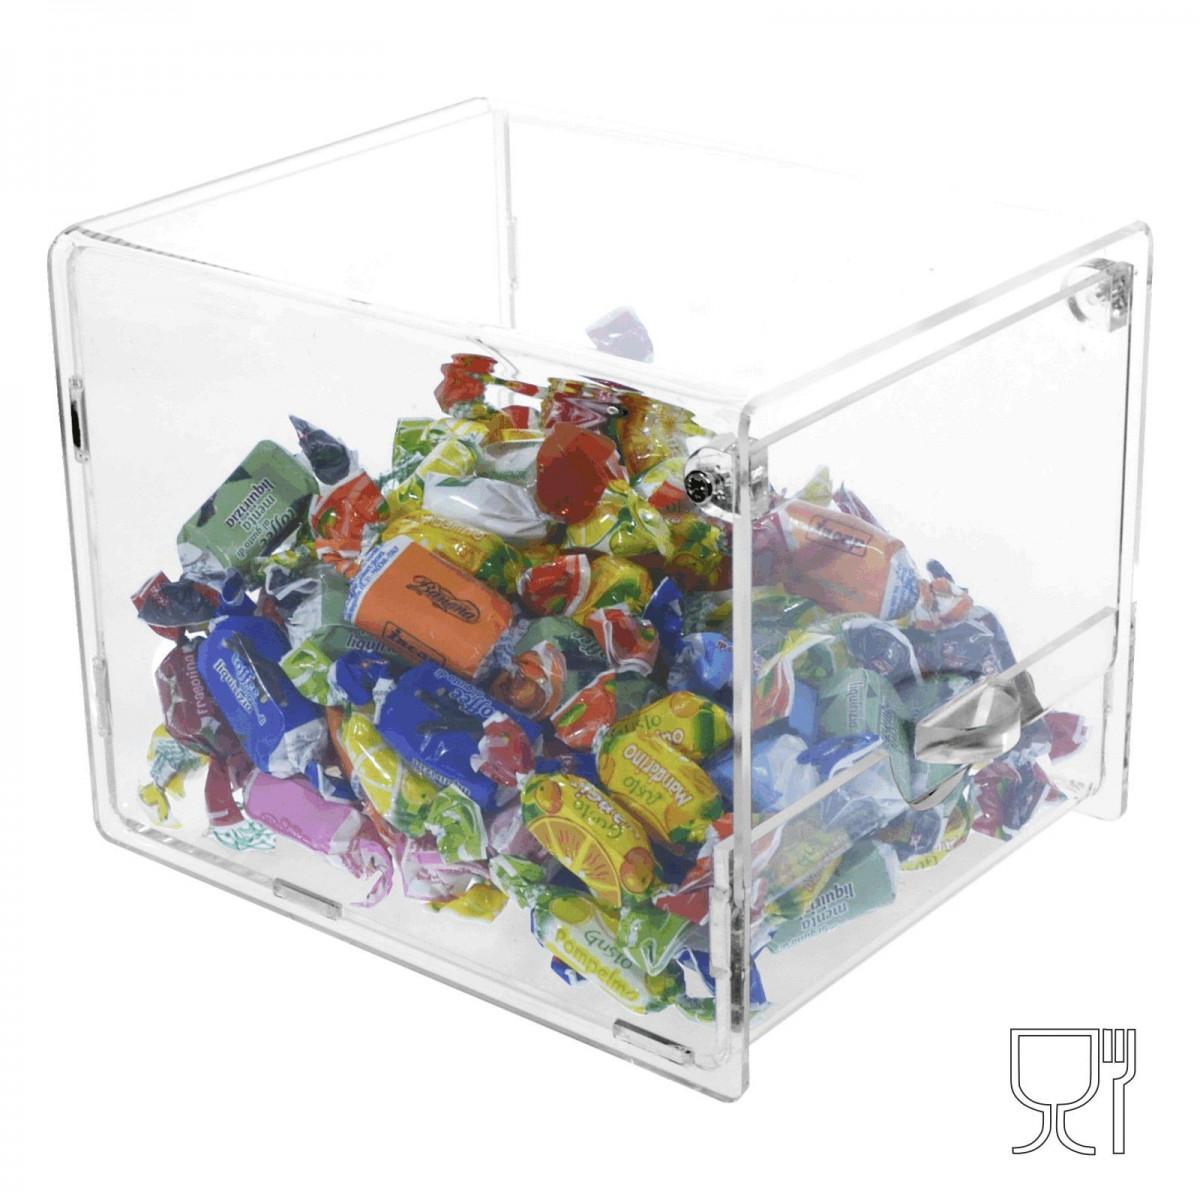 E-002 PC - Porta caramelle trasparente con sportello - 15 x 20 x H15